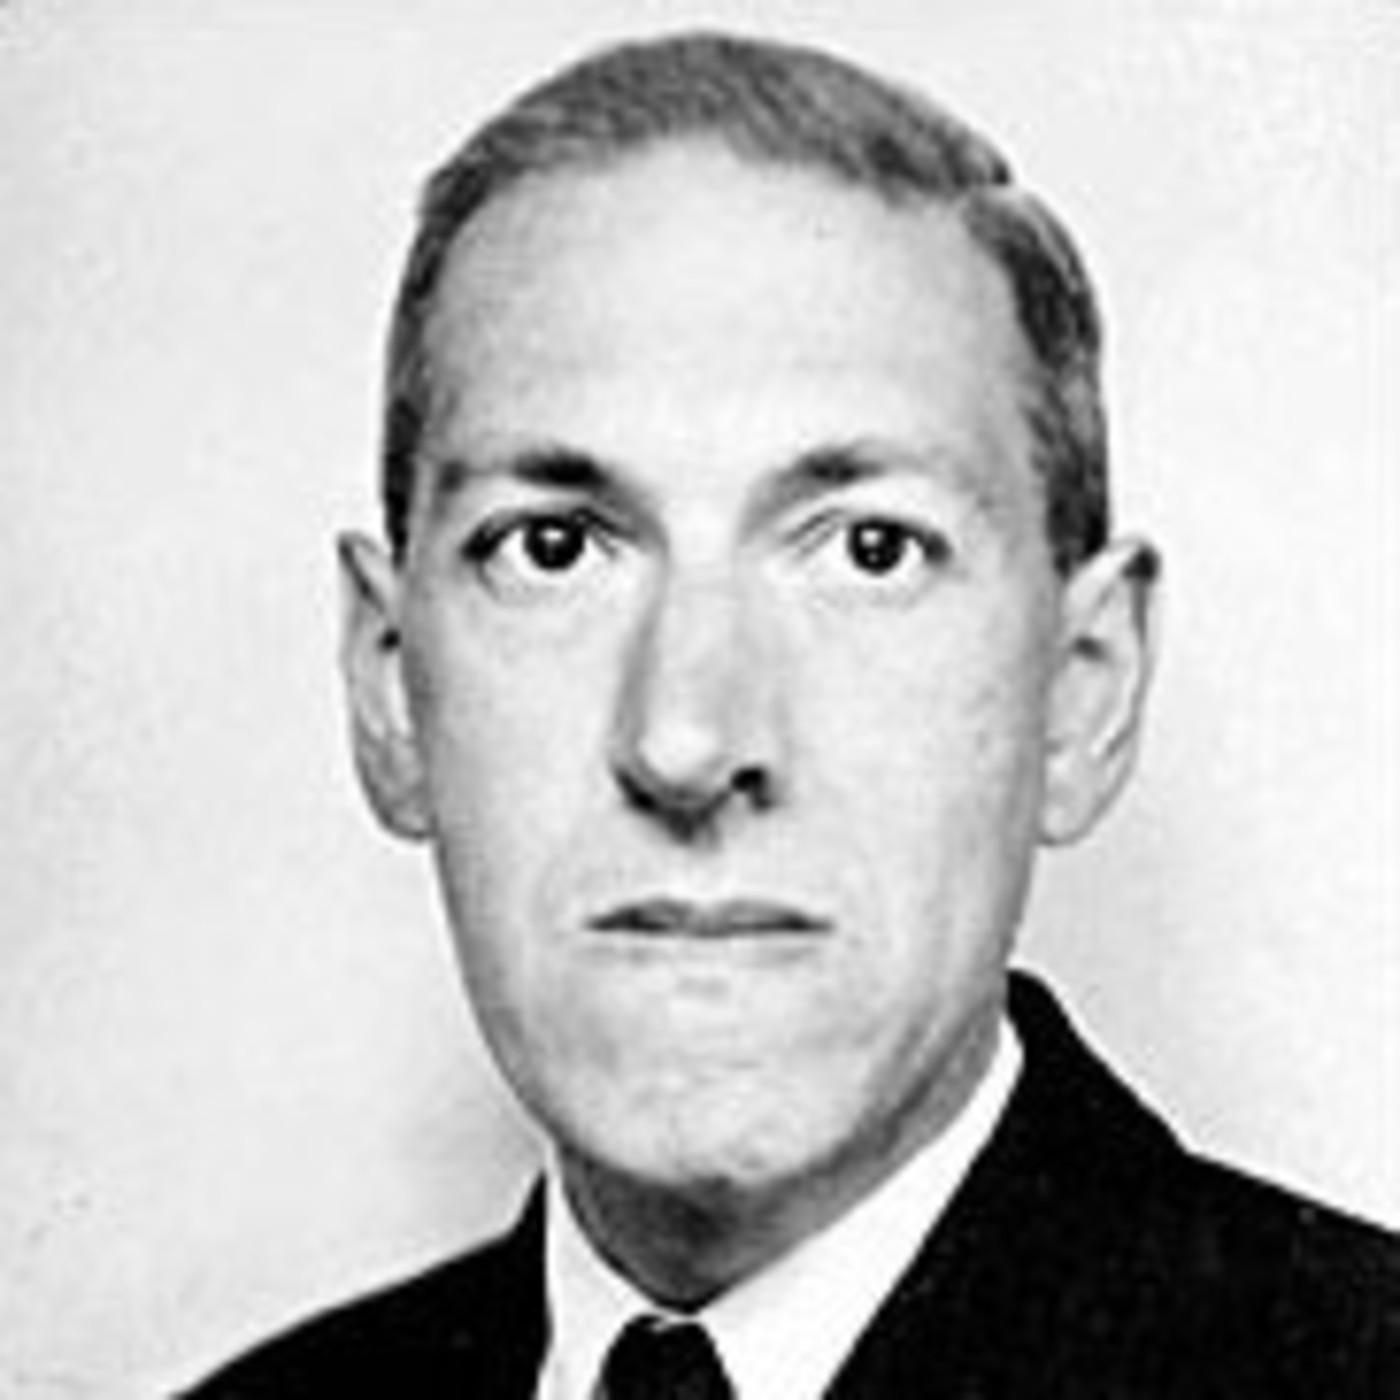 """T02E17 - """"El clérigo malvado"""" de H.P. Lovecraft"""